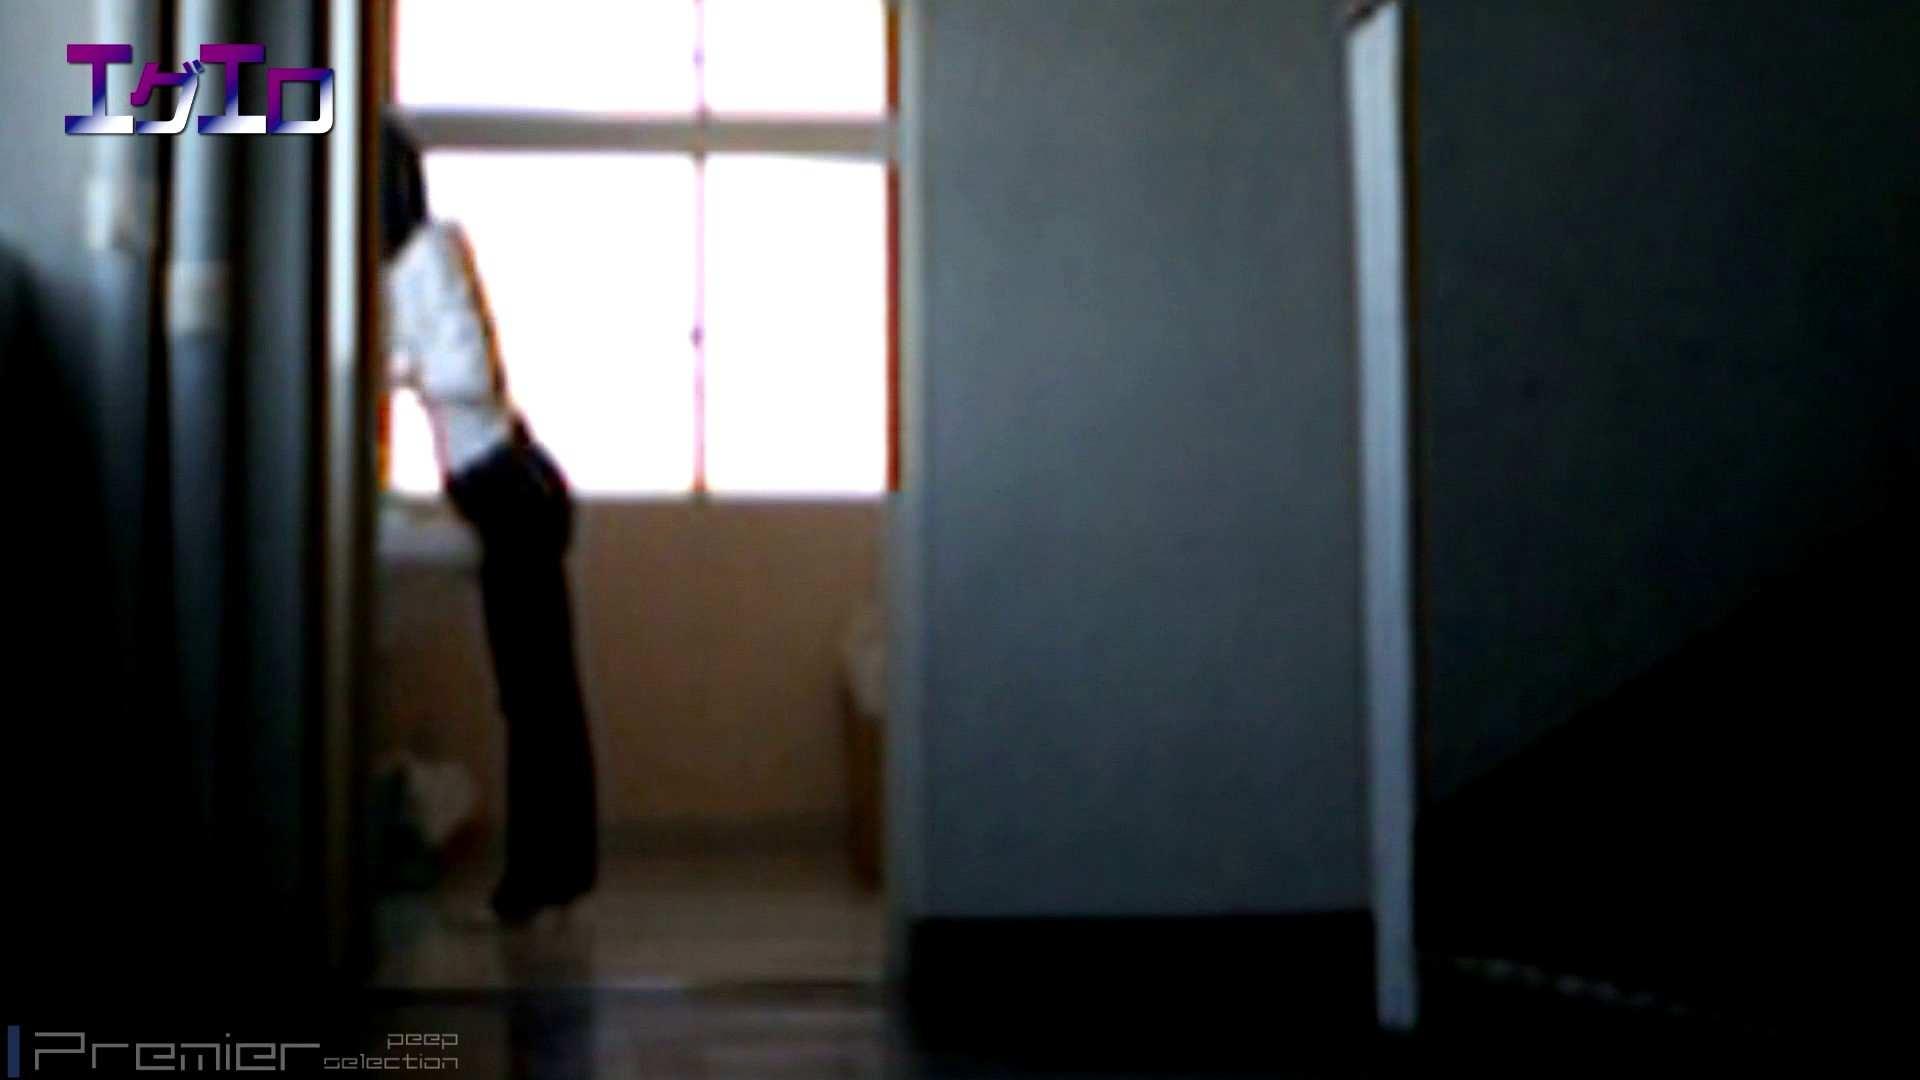 至近距離洗面所 Vol.09夏ギャルキタ~和式トイレ放nyoショー トイレの実態  80PIX 25